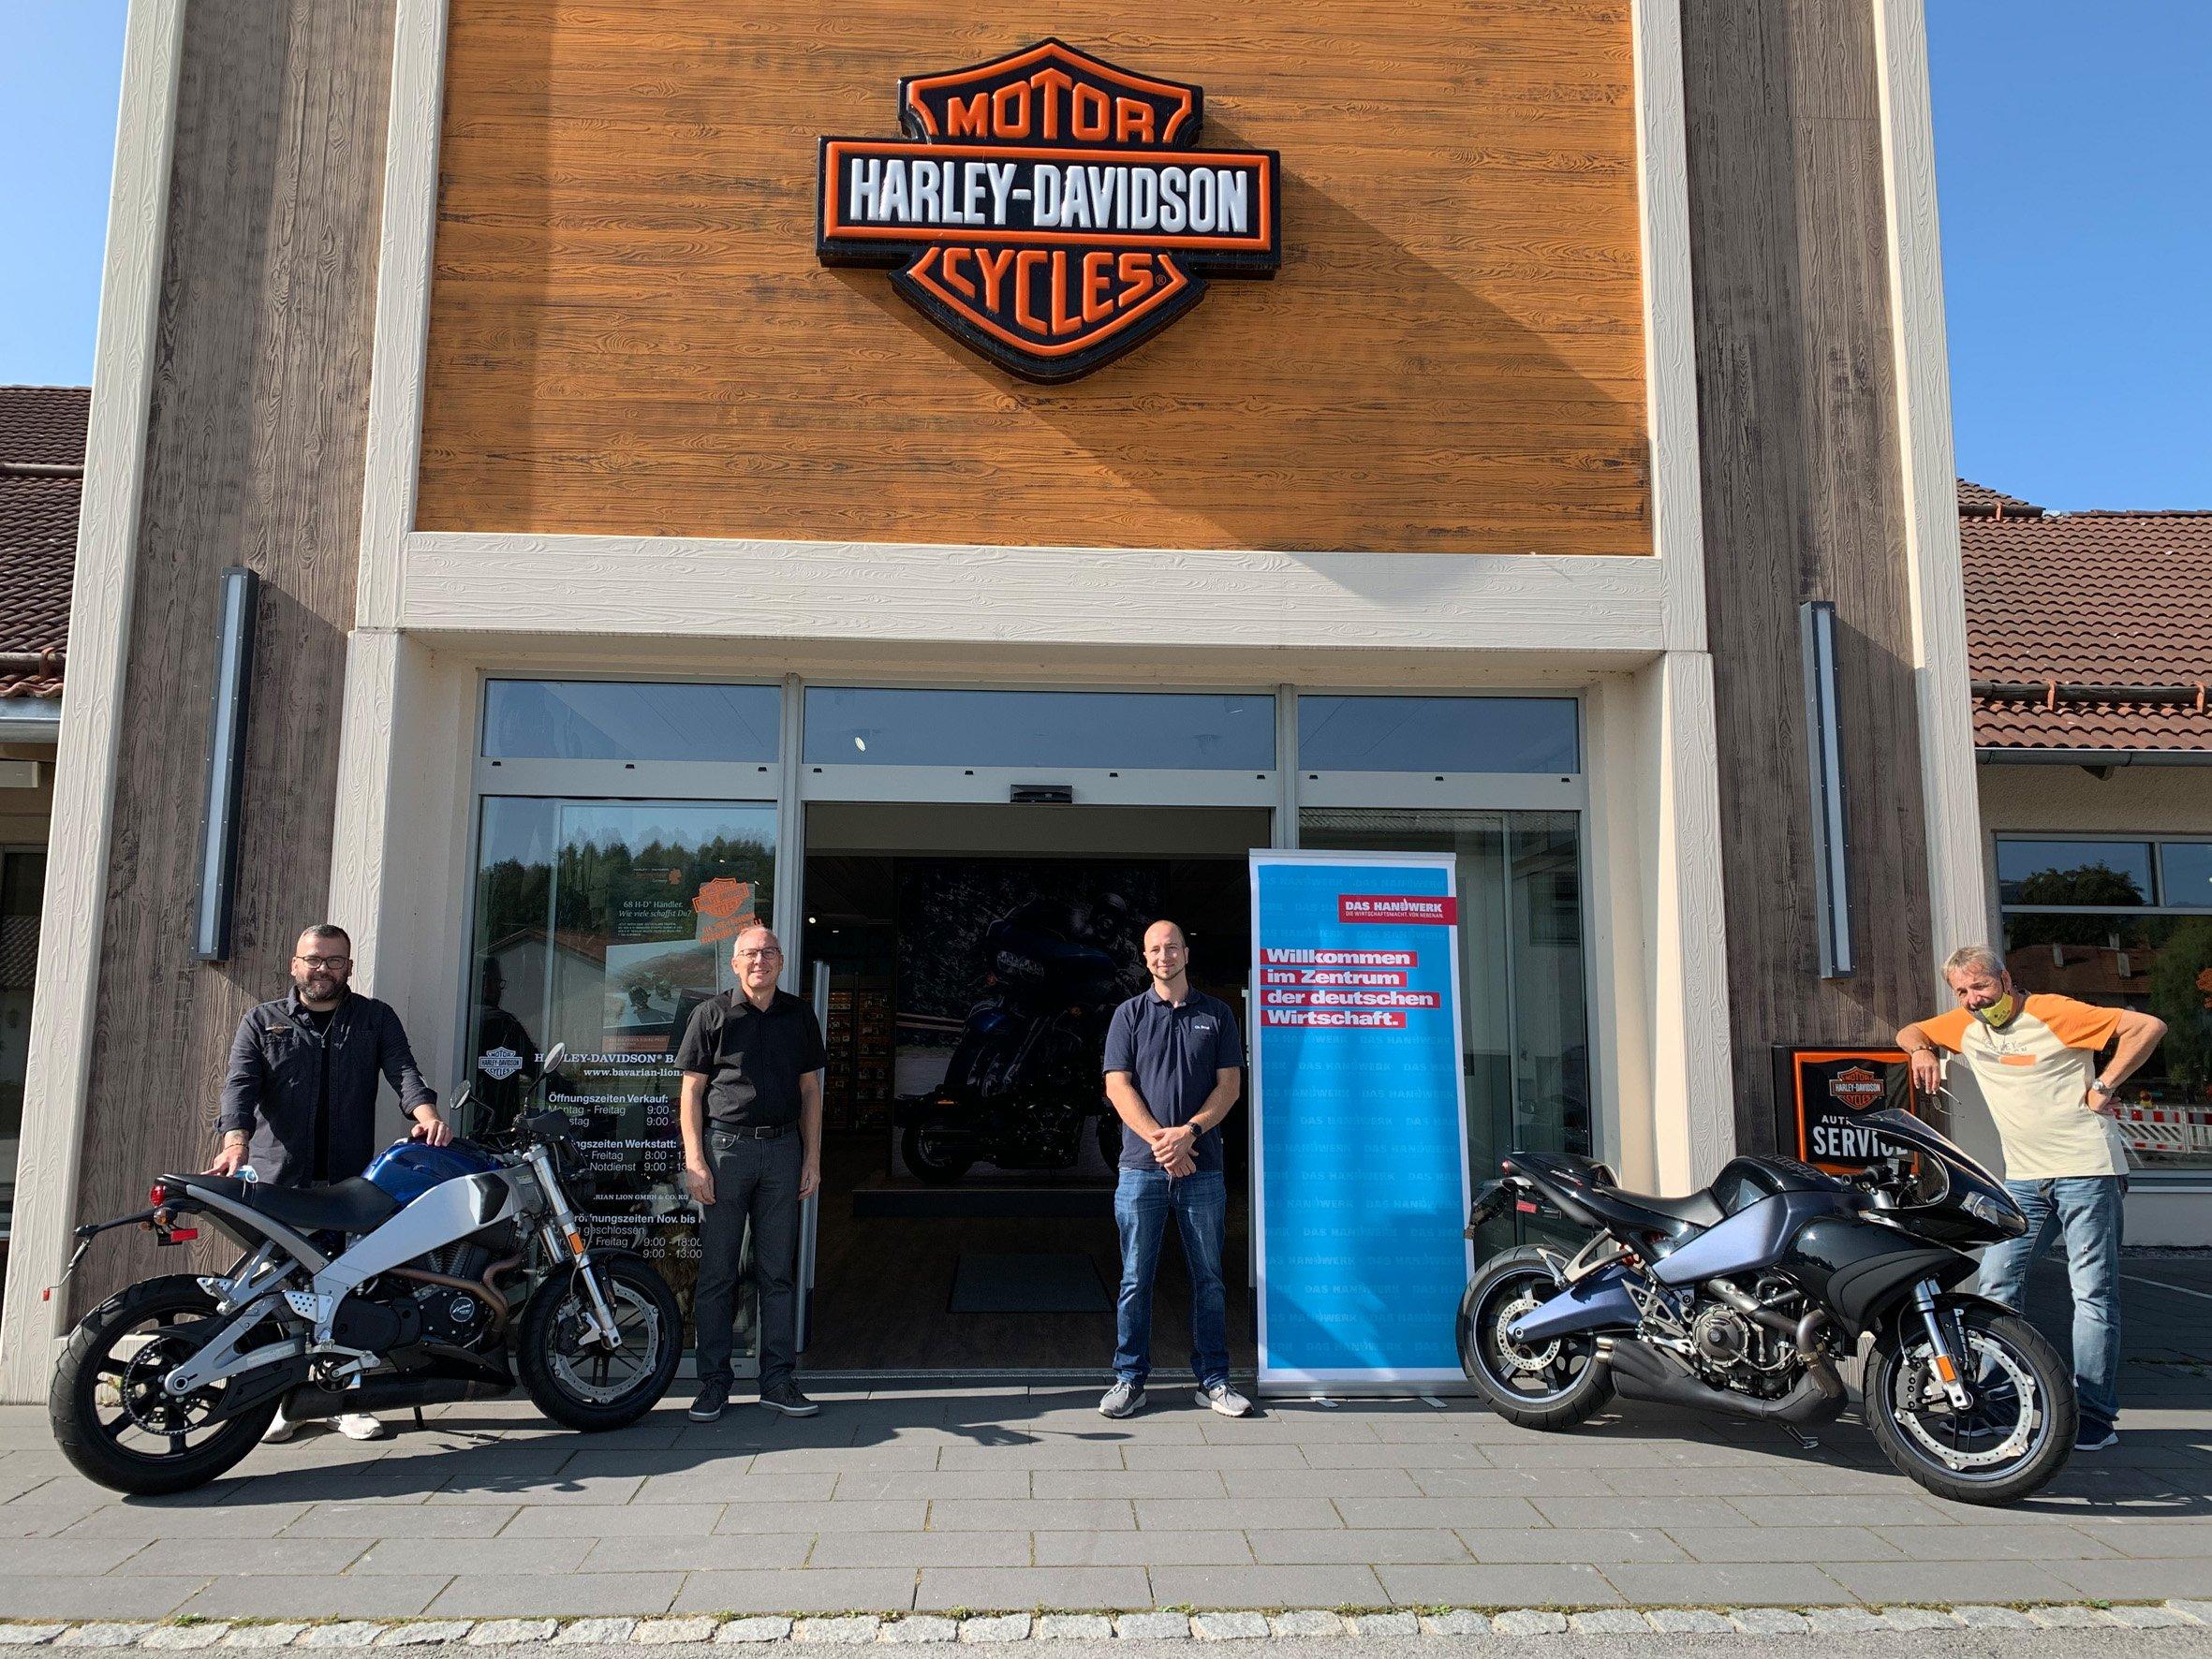 Harley-Davidson Bayerwald stiftet der Handwerkskammer Niederbayern-Oberpfalz zwei Motorräder und vier Motoren